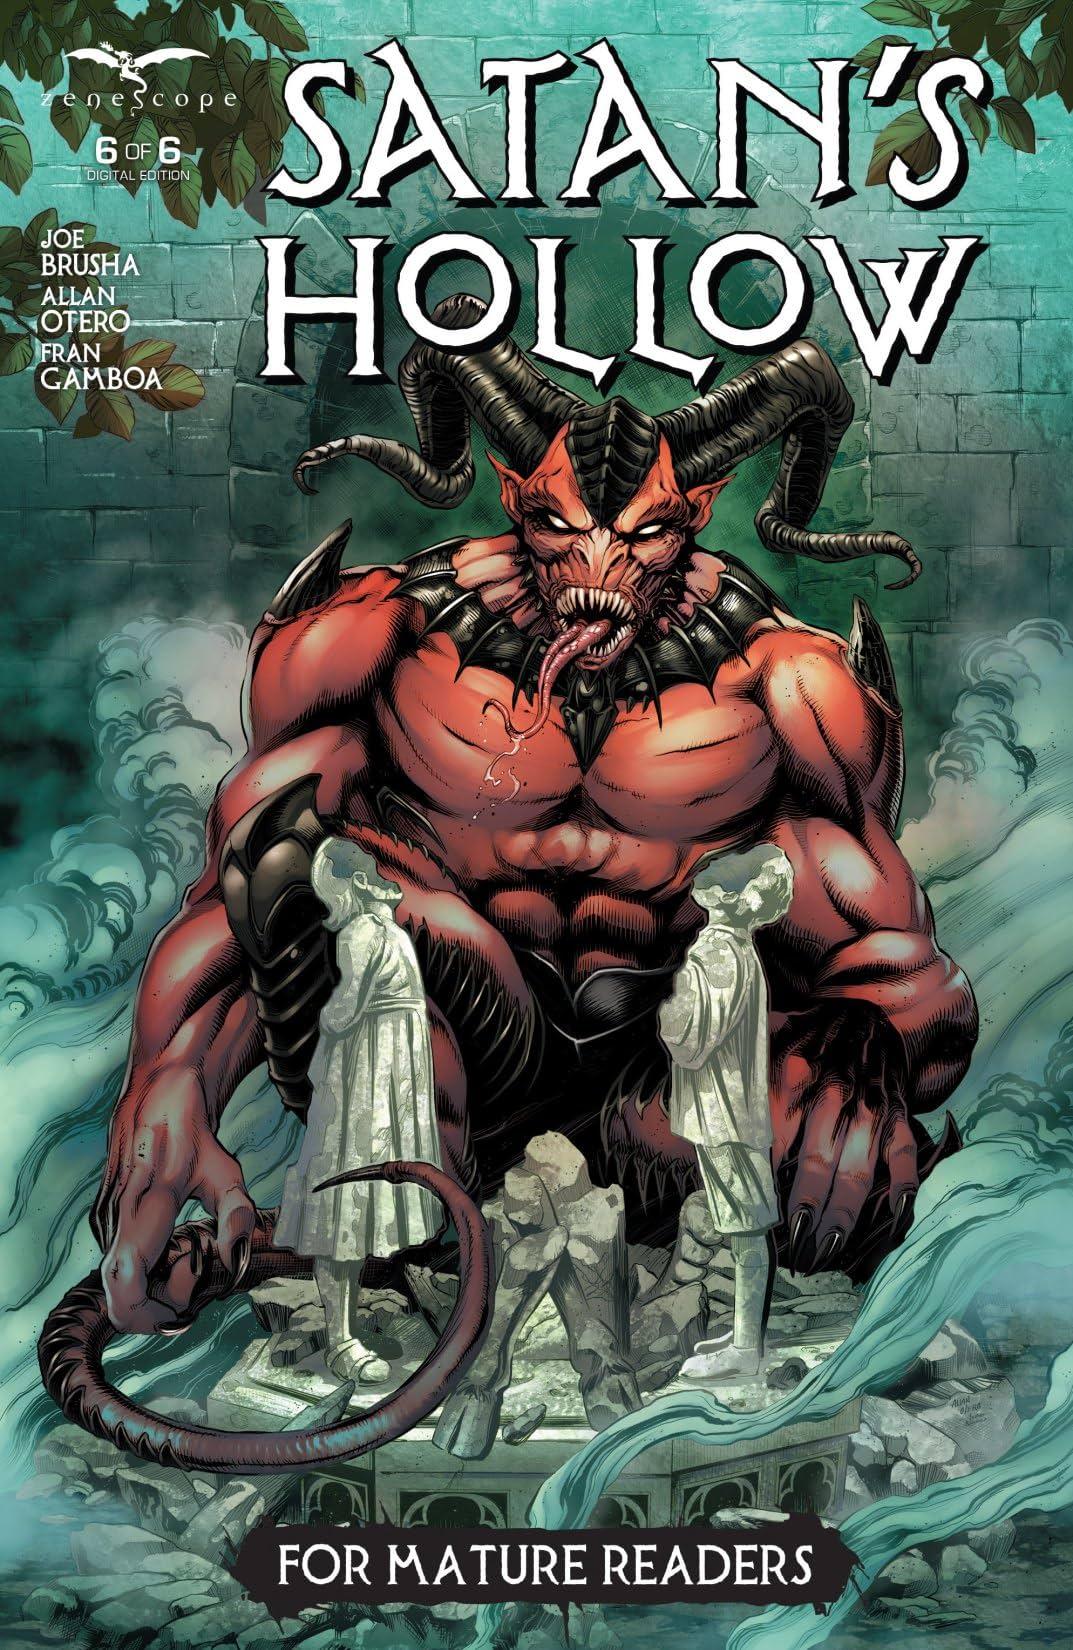 Satan's Hollow #6